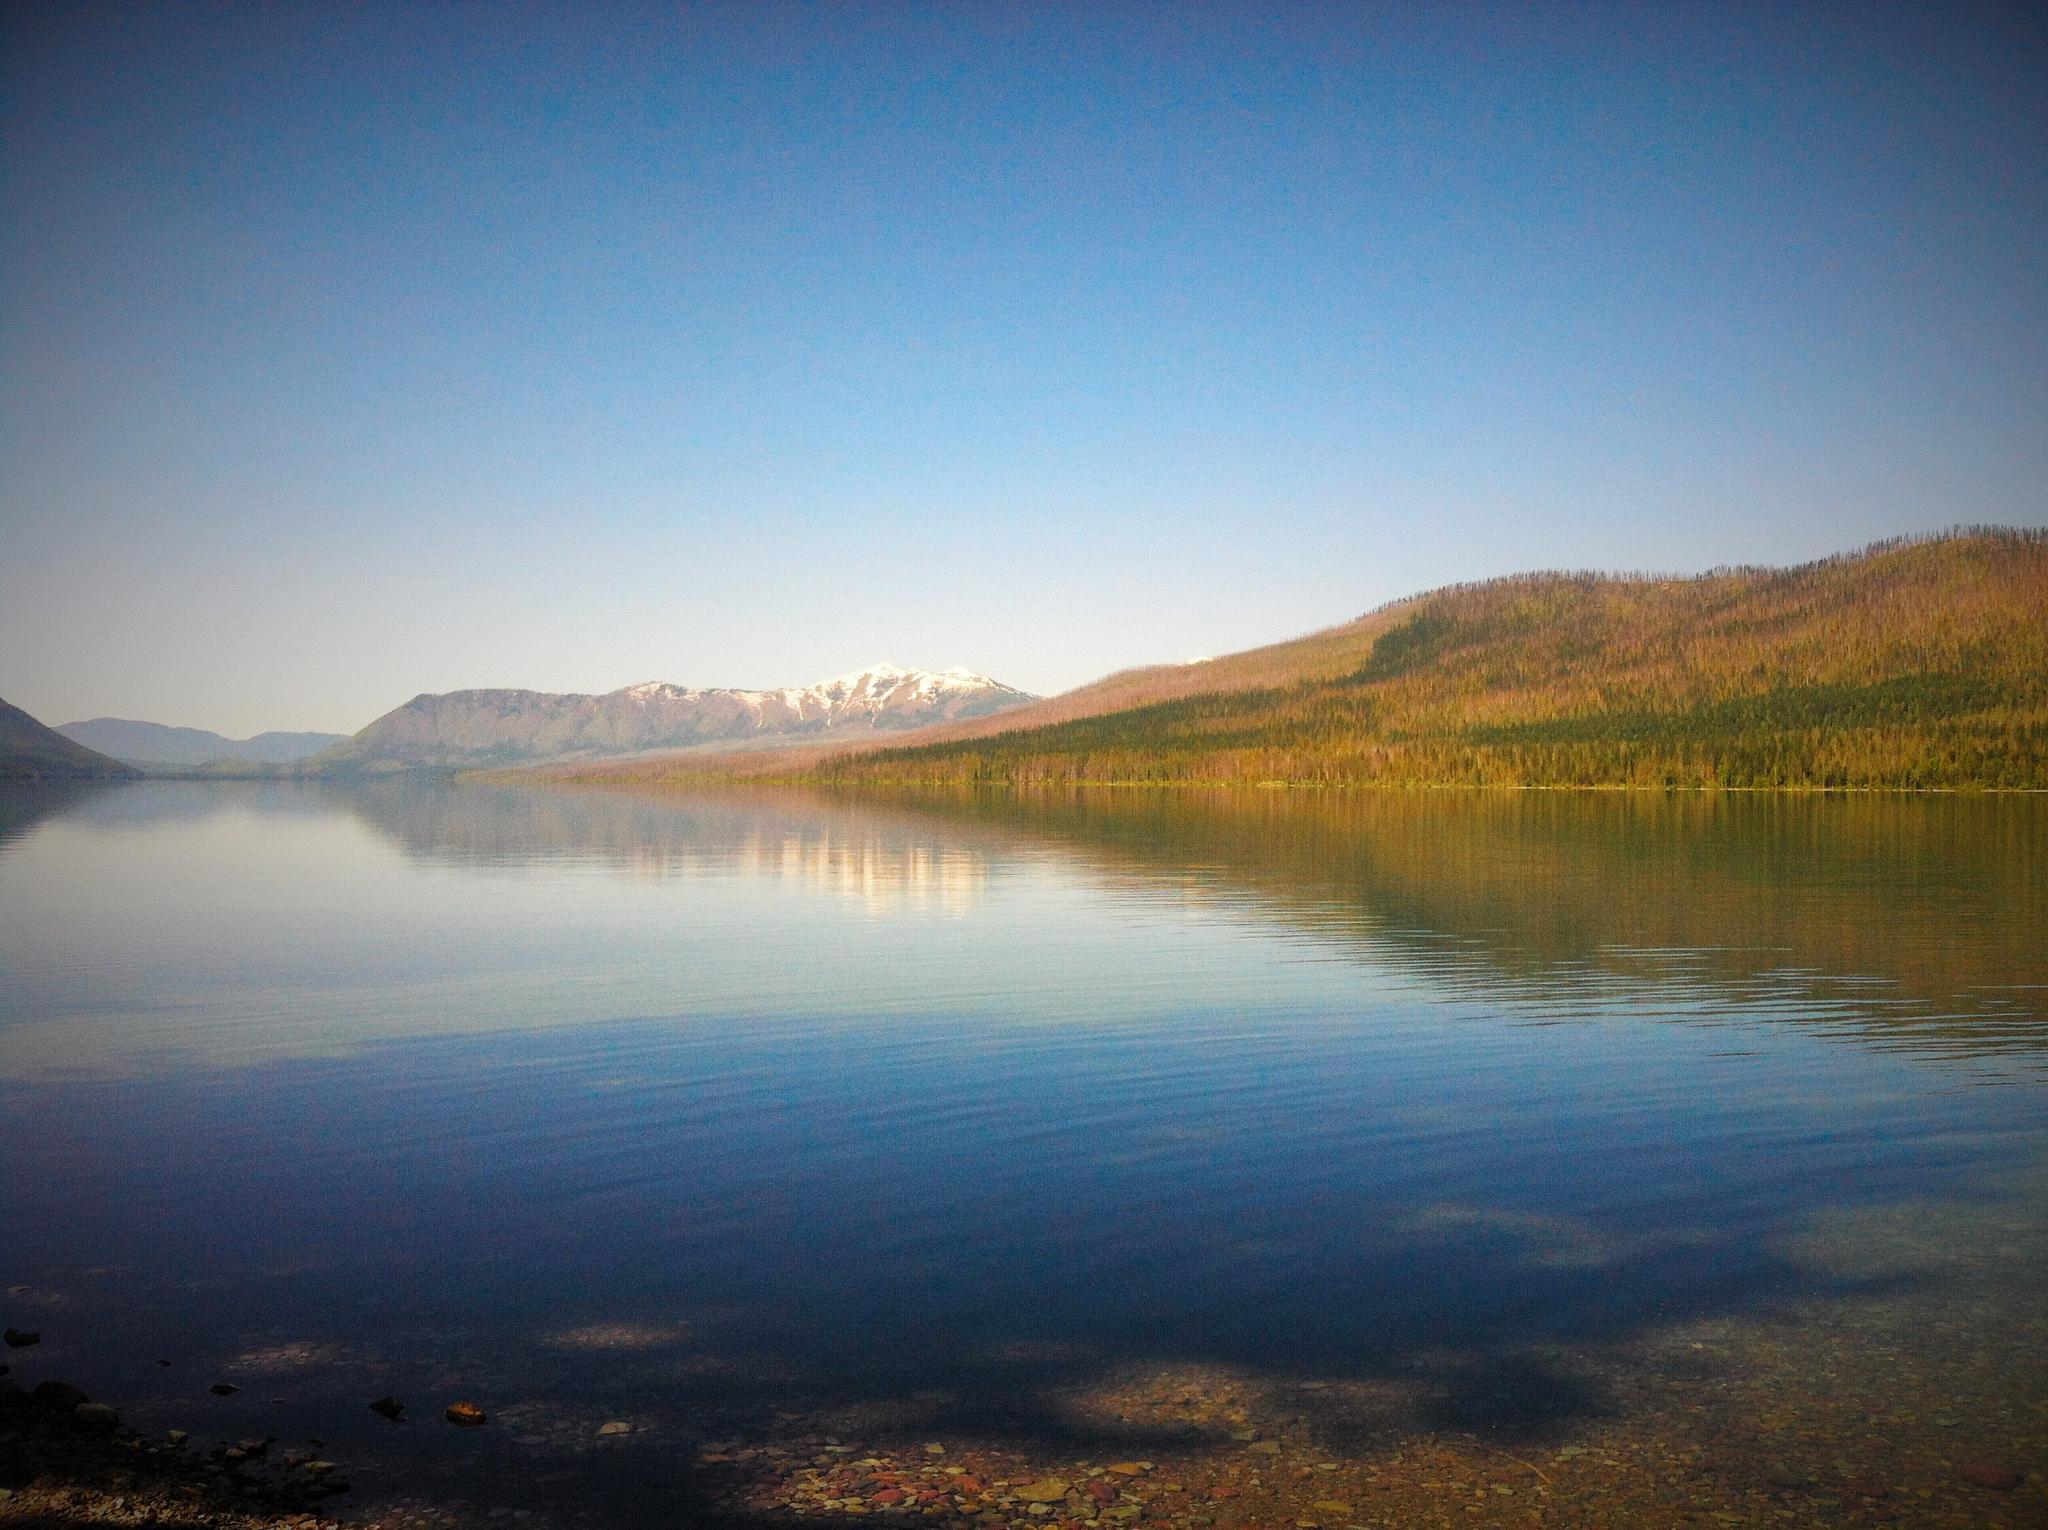 Lake McDonald by amberh